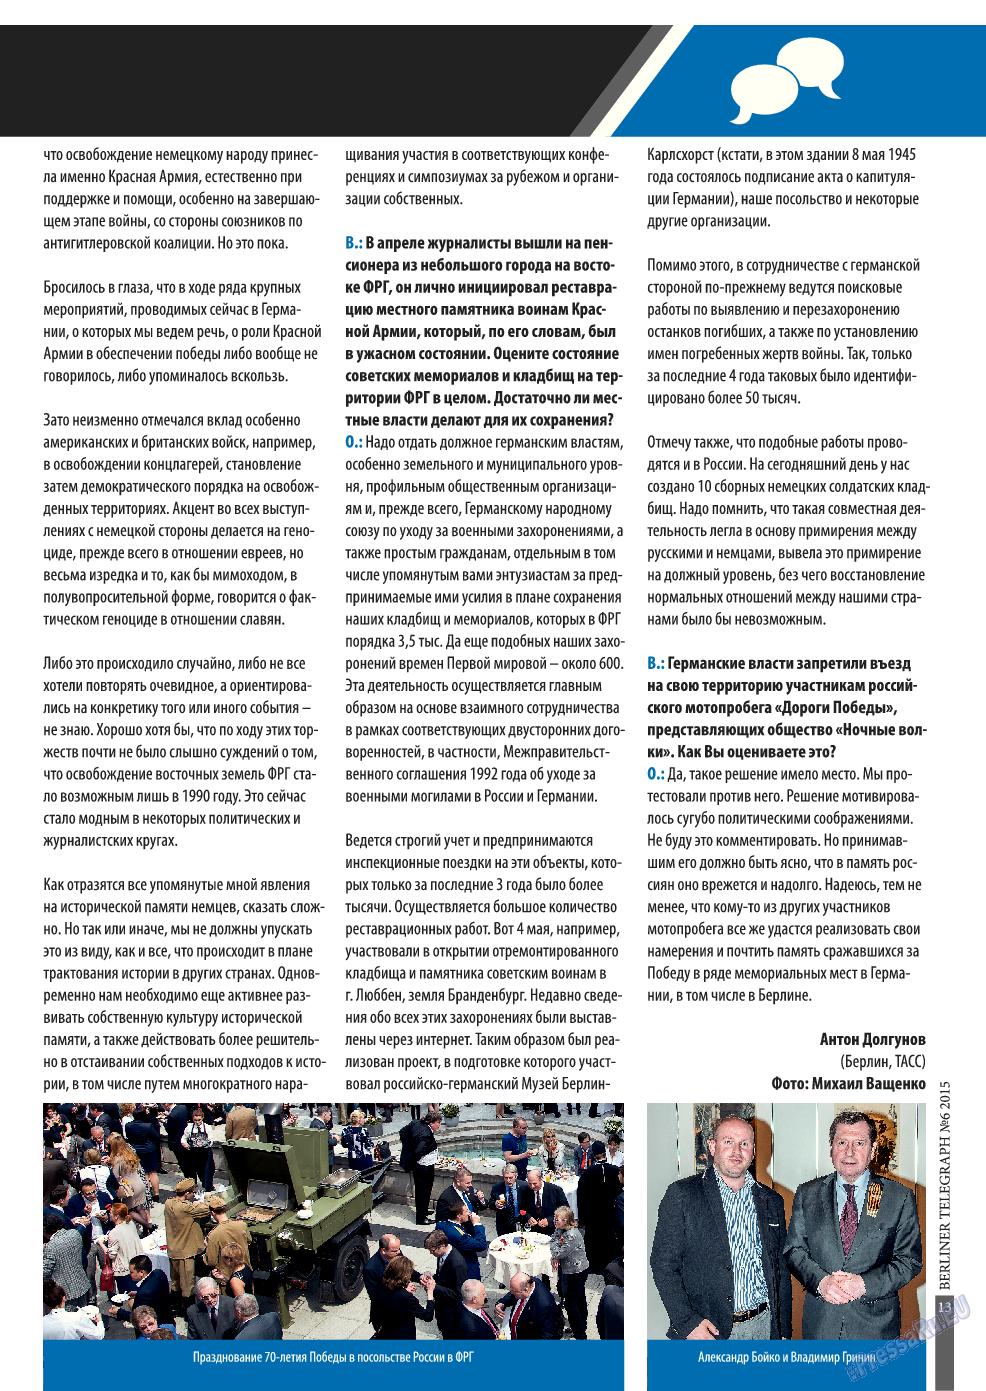 Берлинский телеграф (журнал). 2015 год, номер 6, стр. 13